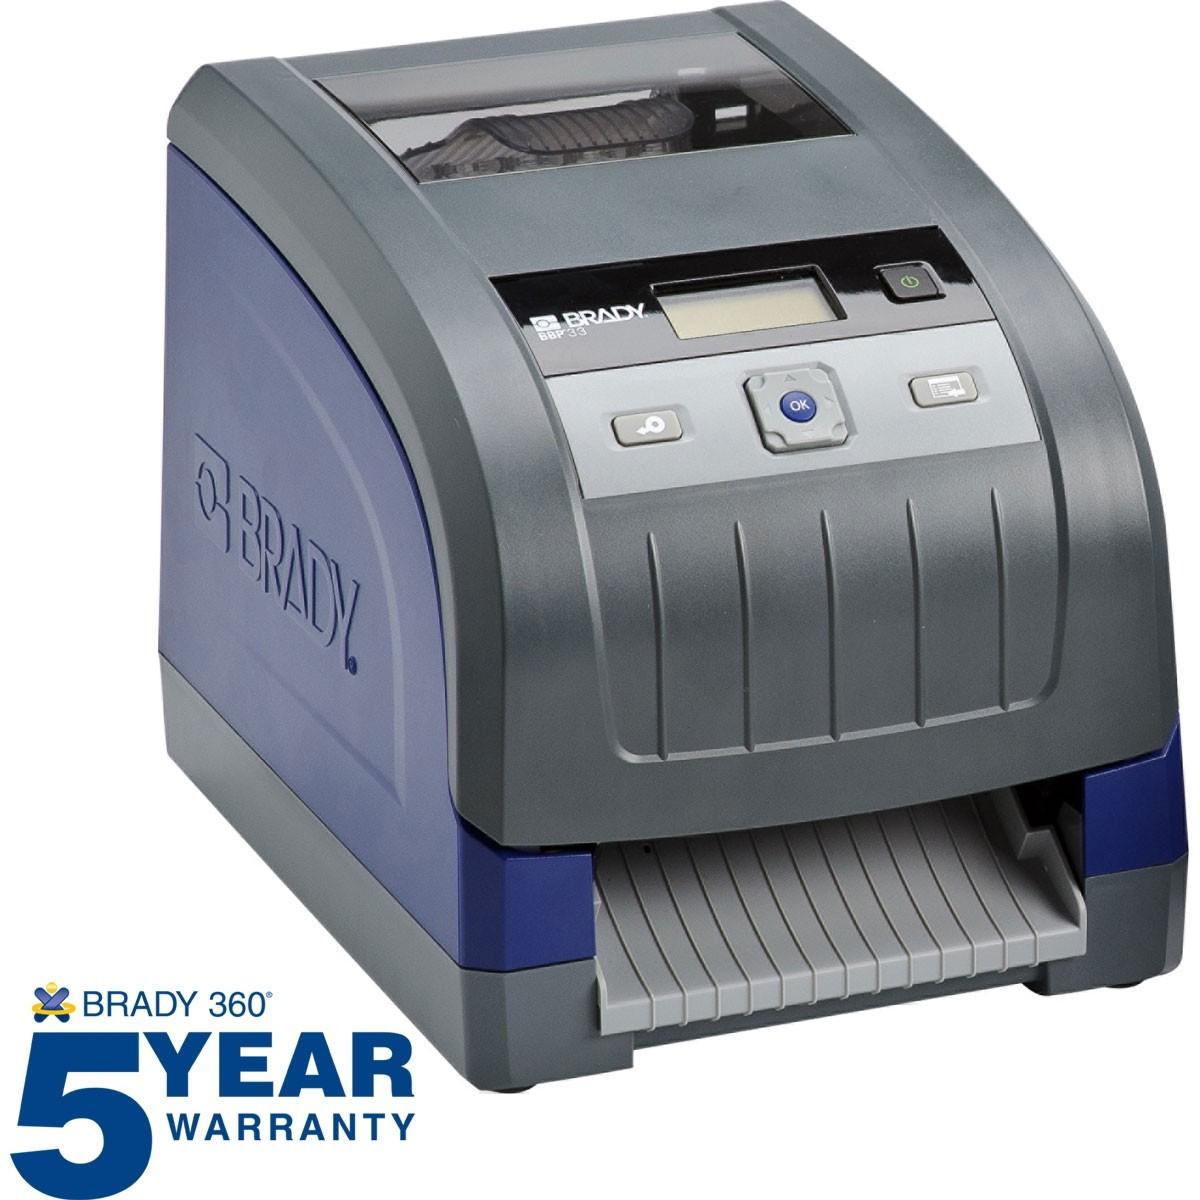 Brady® BBP33 Label Printer